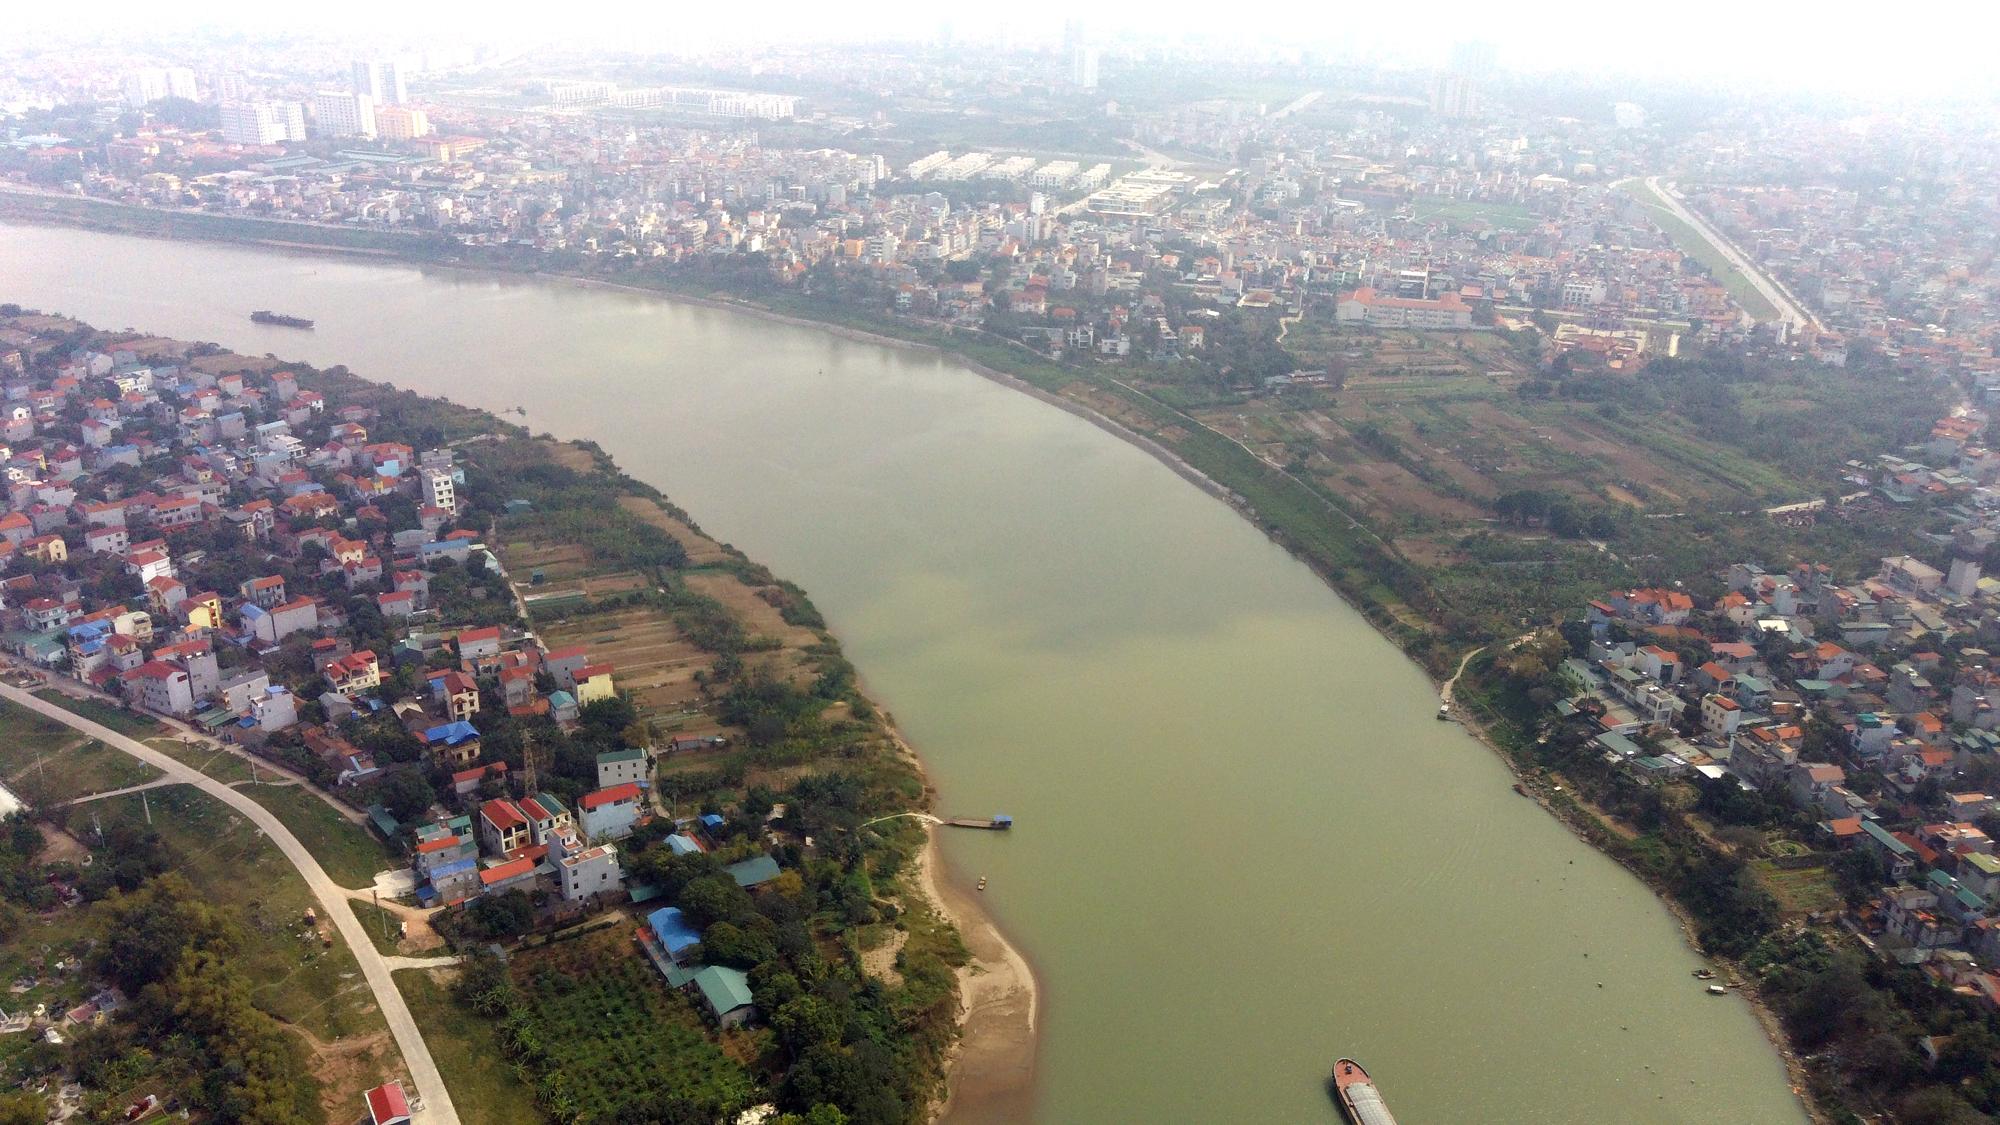 Hà Nội: Toàn cảnh các khu dân cư ven sông Hồng, sông Đuống thuộc diện di dời - Ảnh 20.